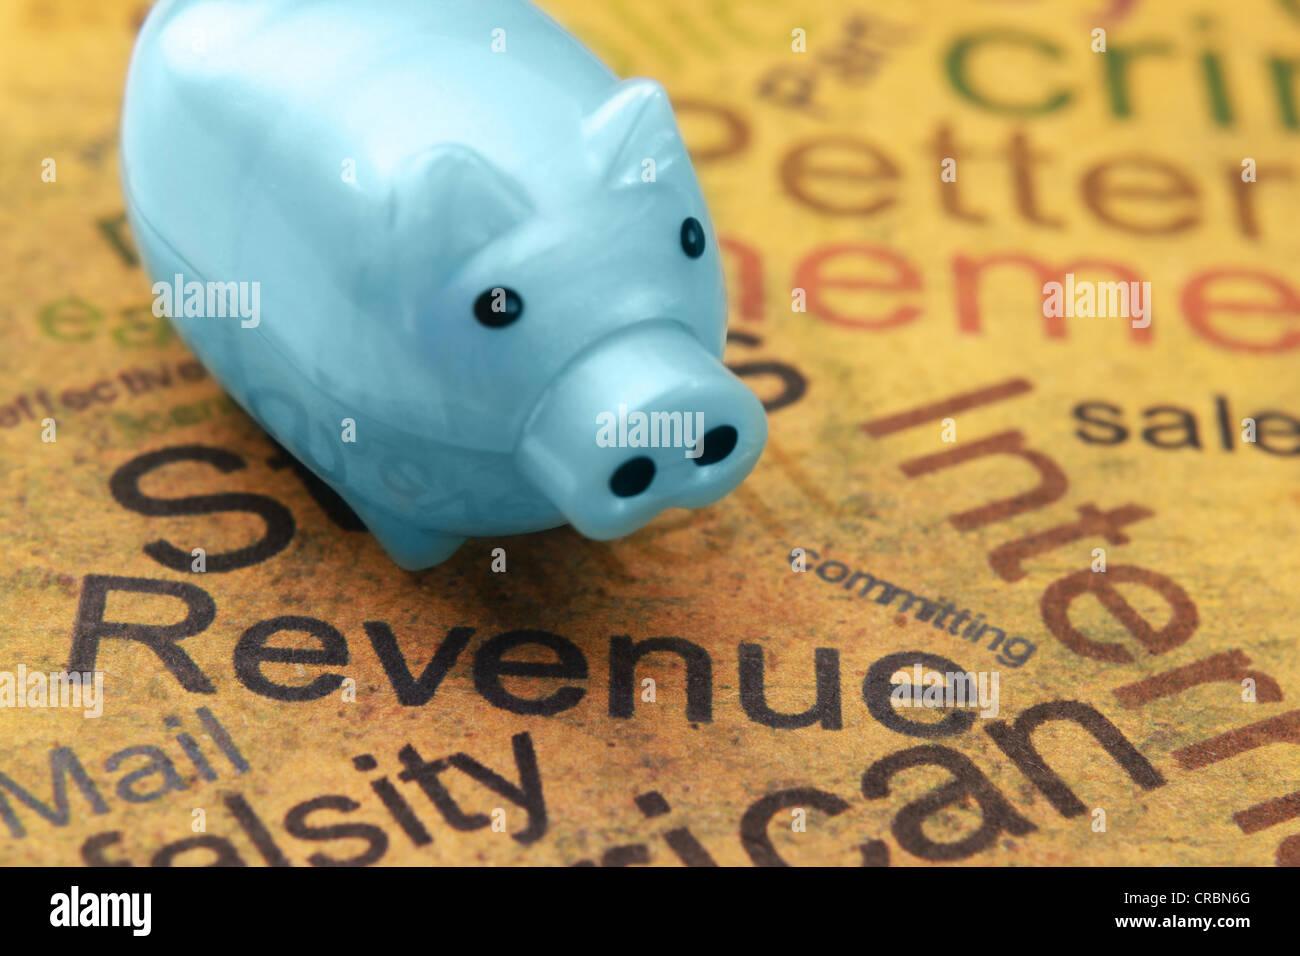 Concepto de riqueza Imagen De Stock